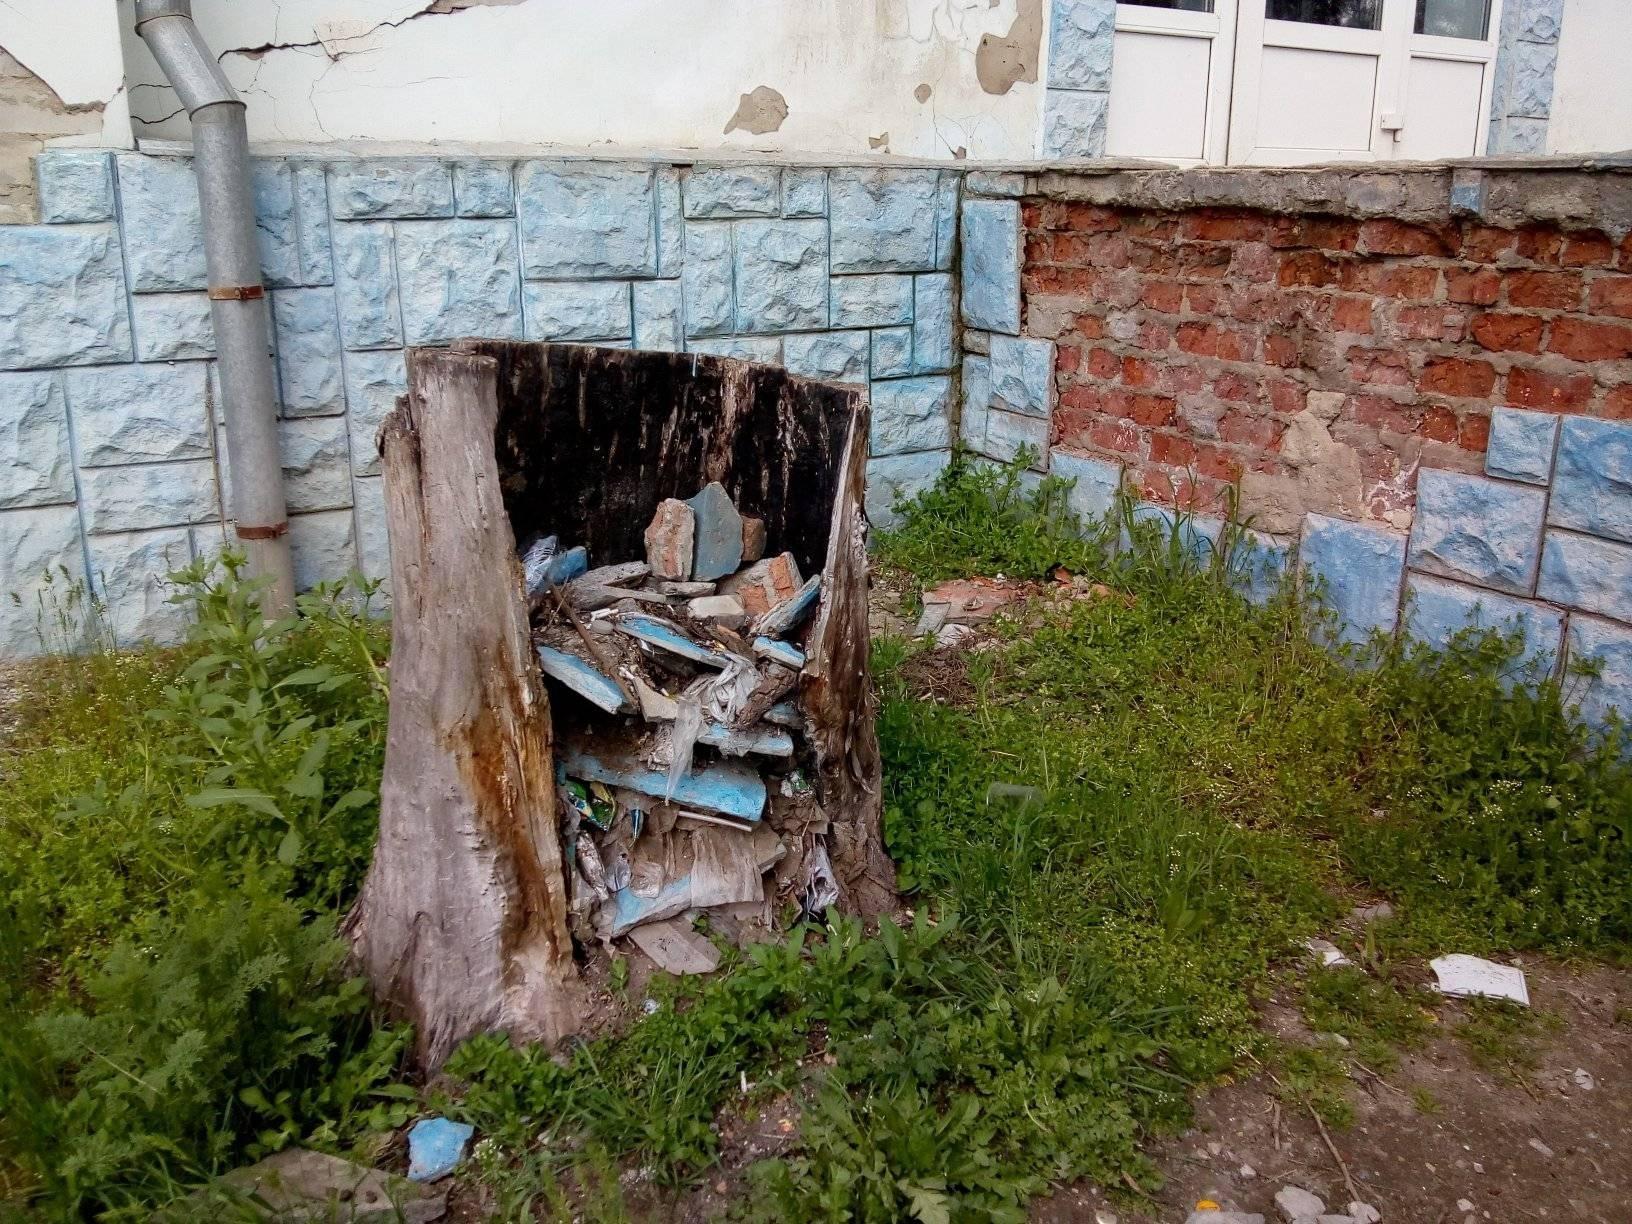 Херсонская альтернатива мусорным урнам